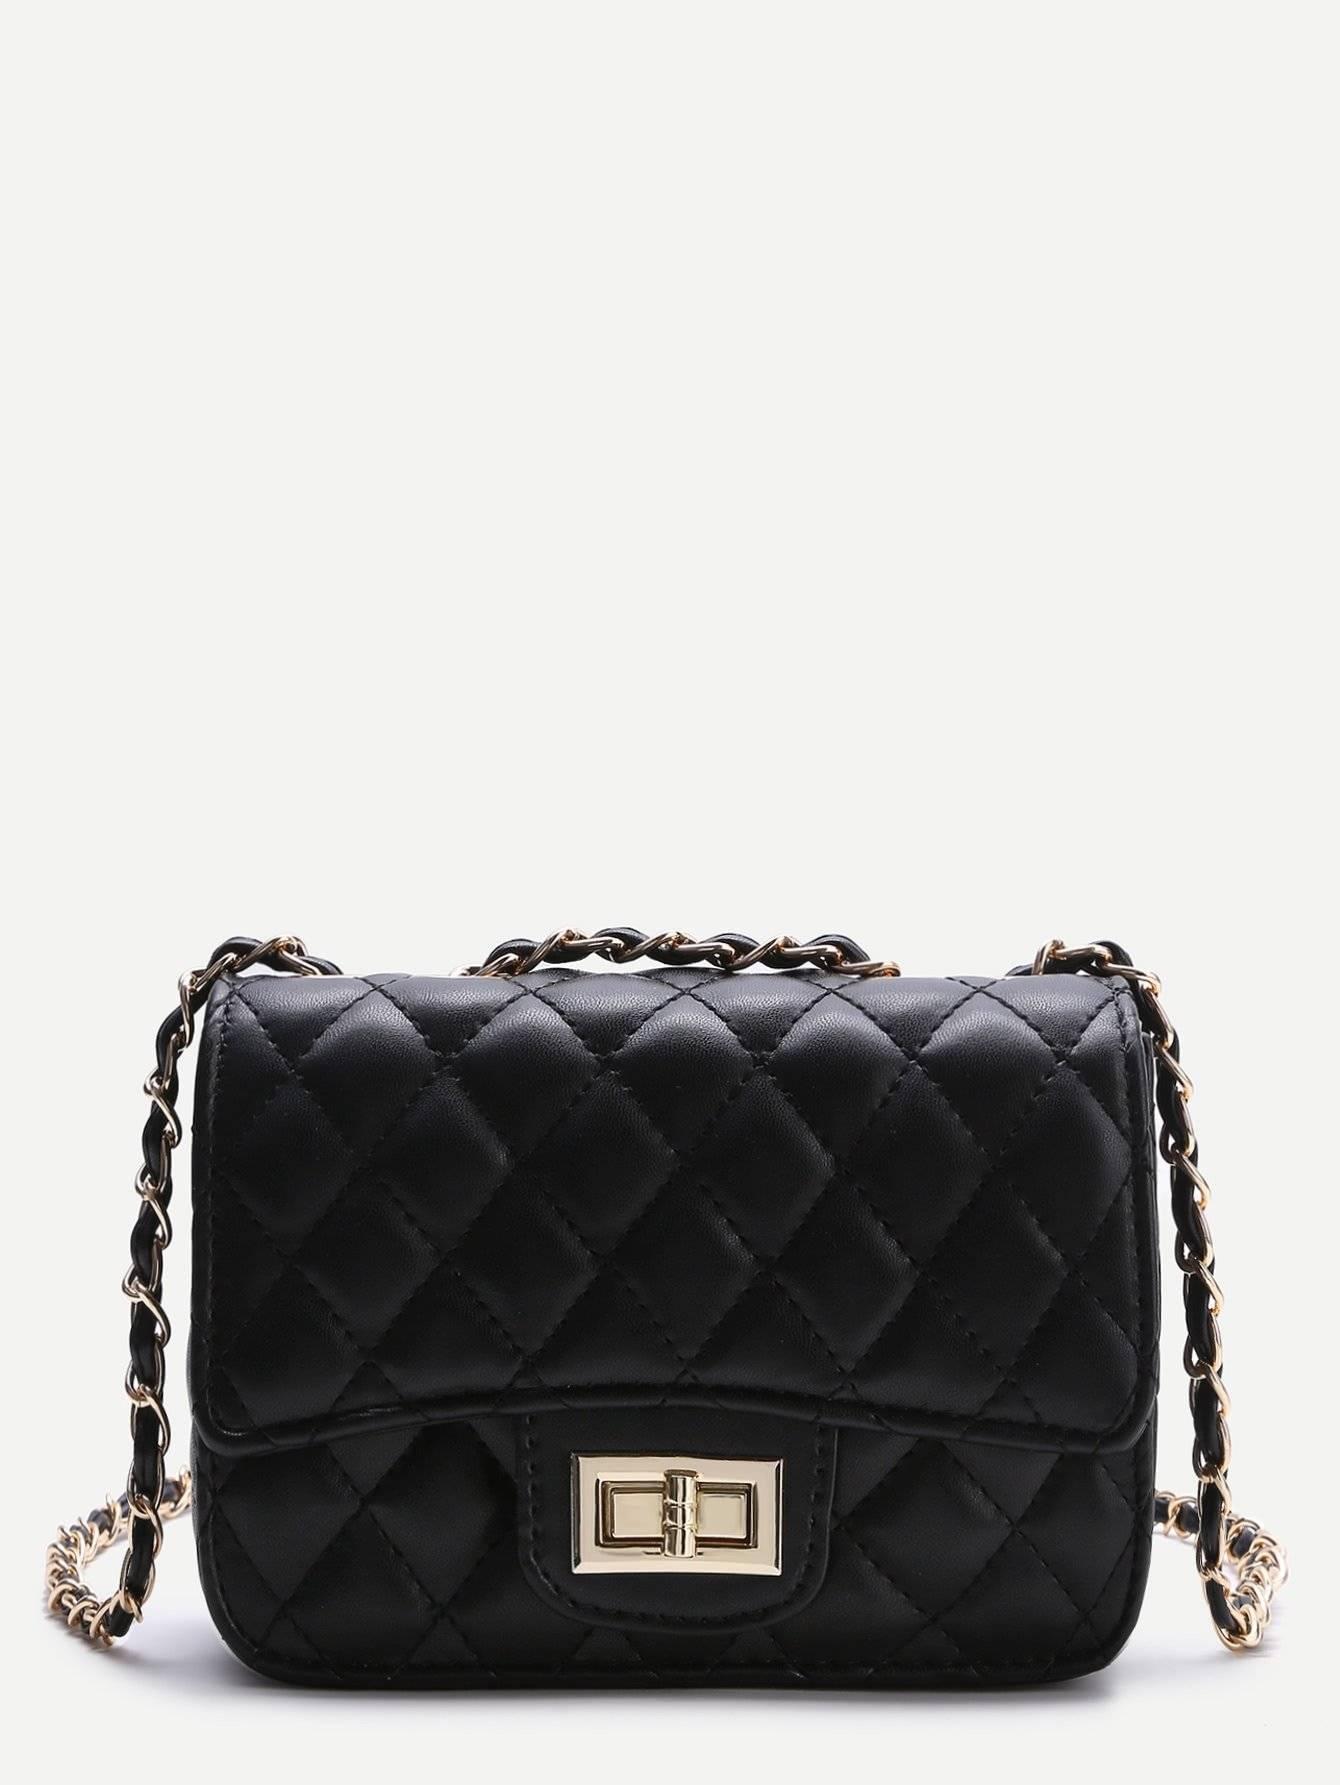 حقيبة نسوية أزياء سوداء مع السلسة-5